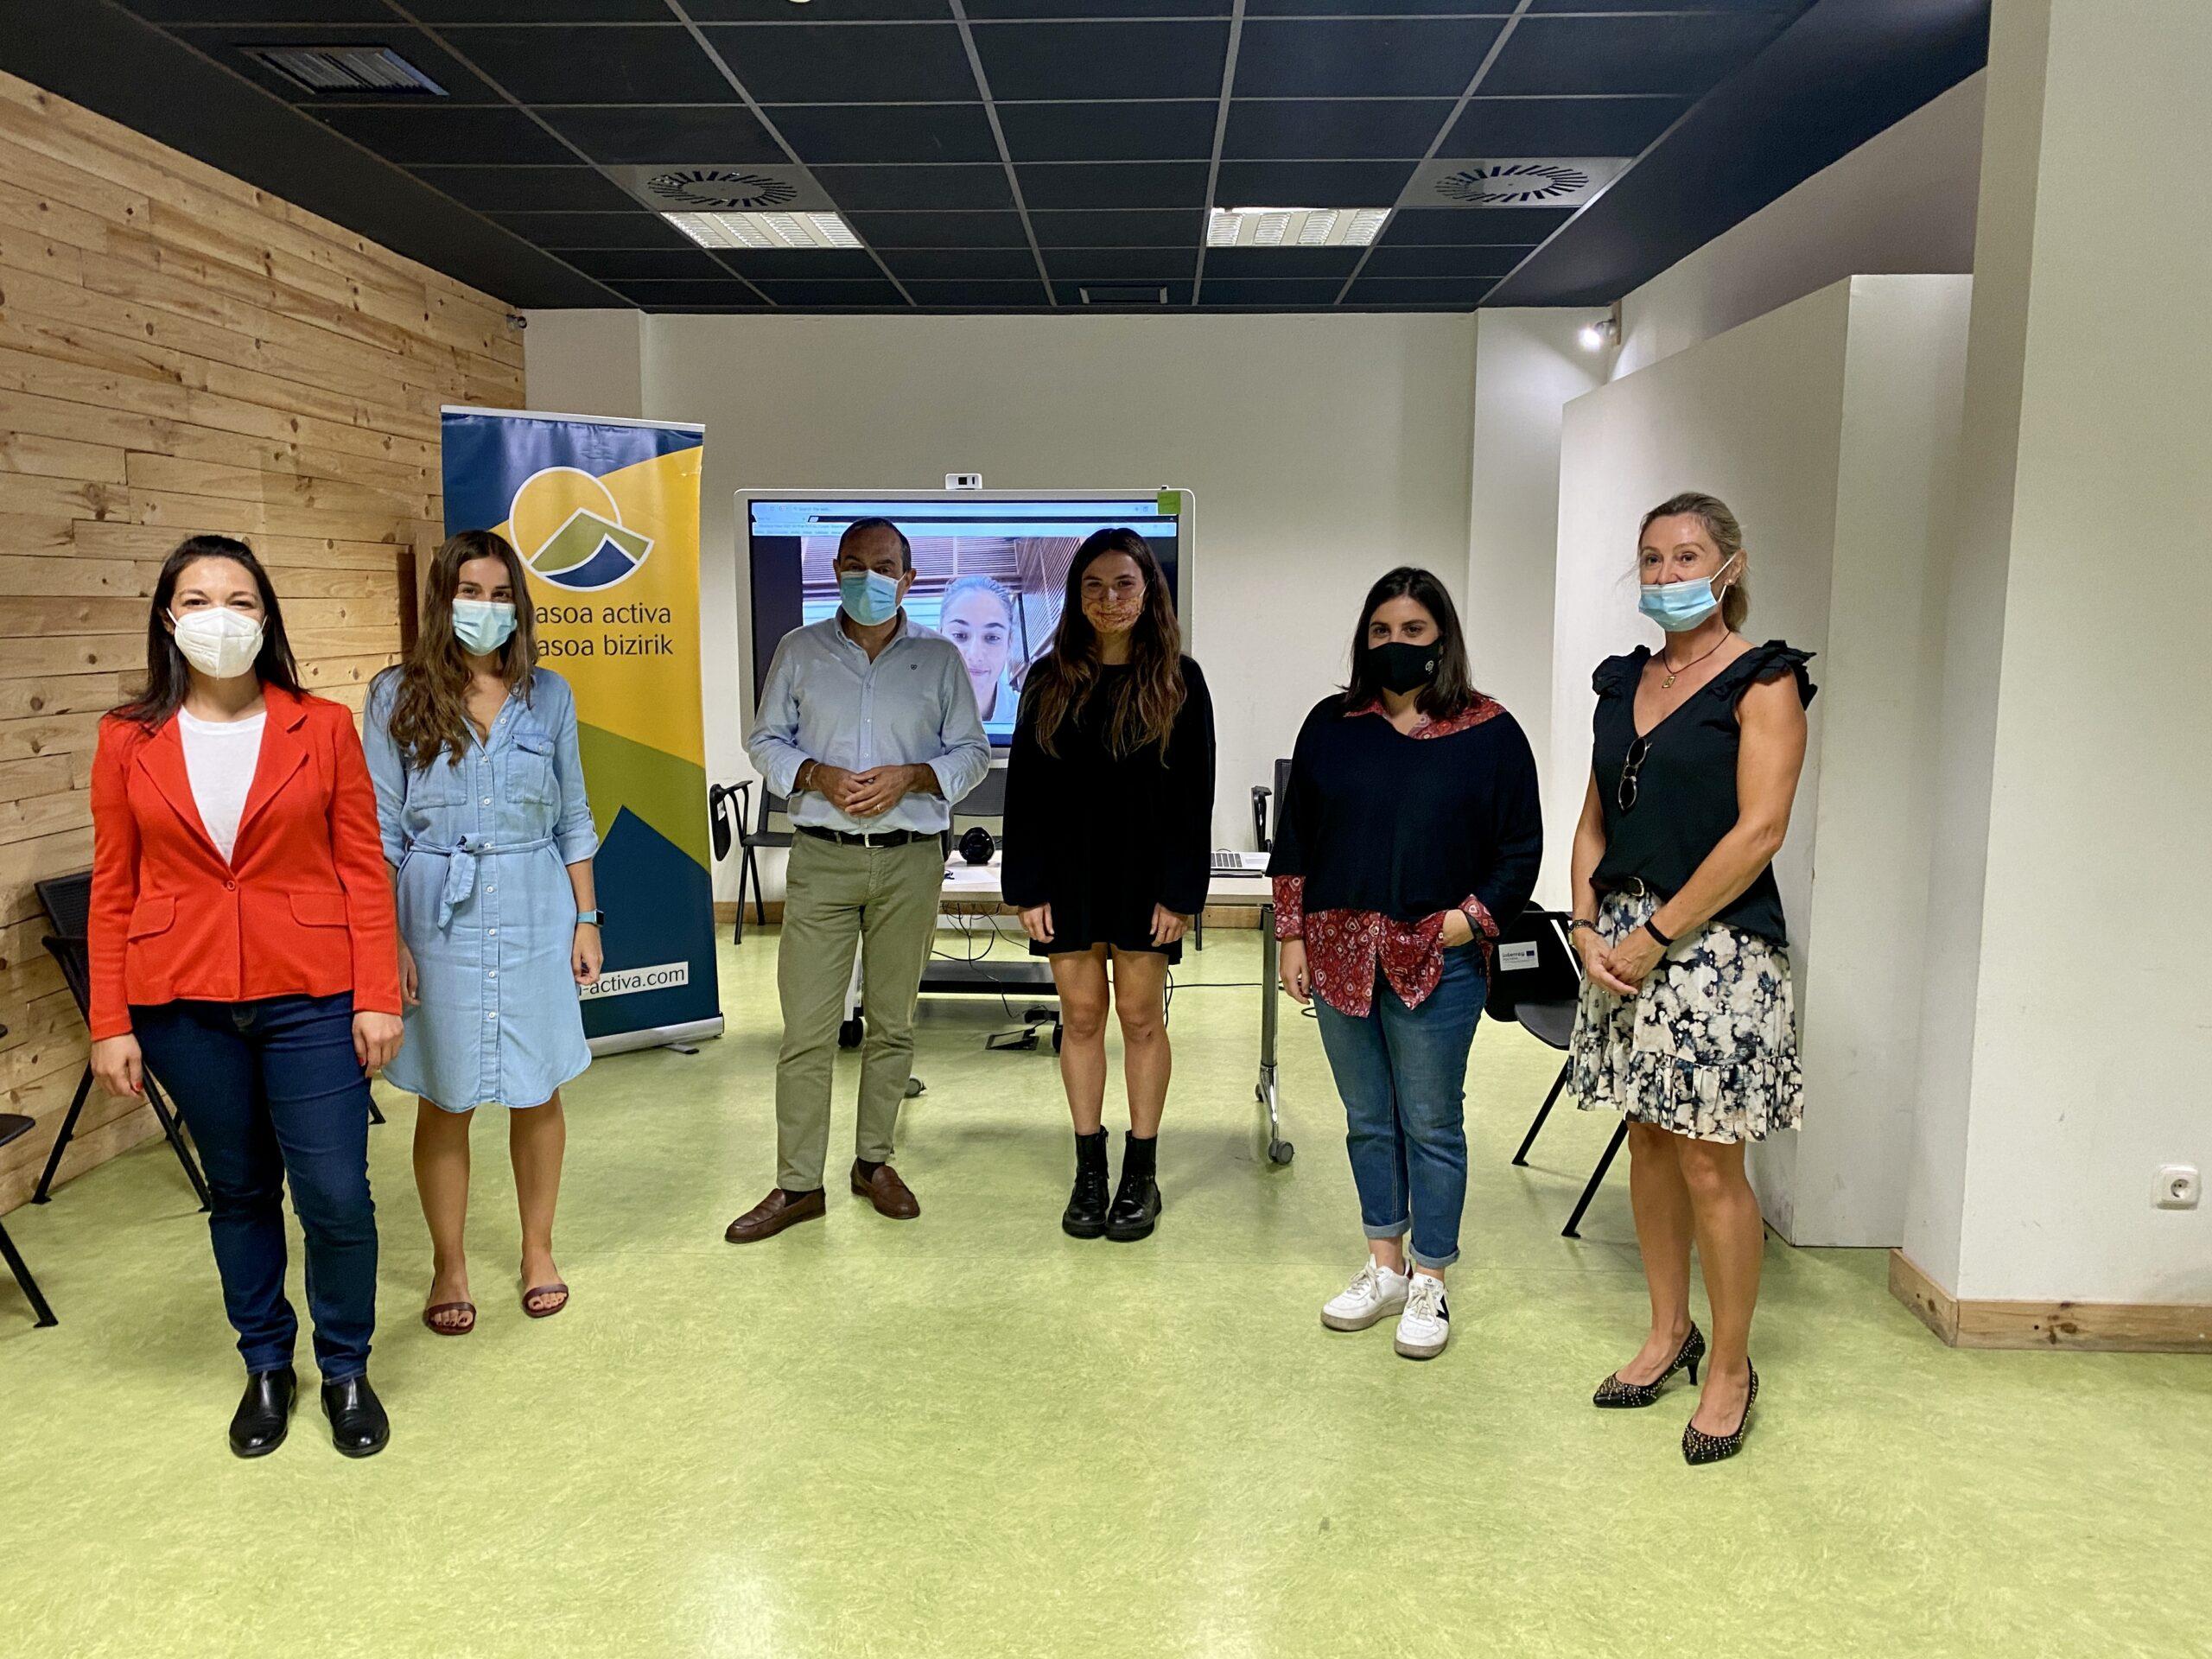 Primera formación en tecnologías emergentes dirigida exclusivamente a mujeres de la comarca